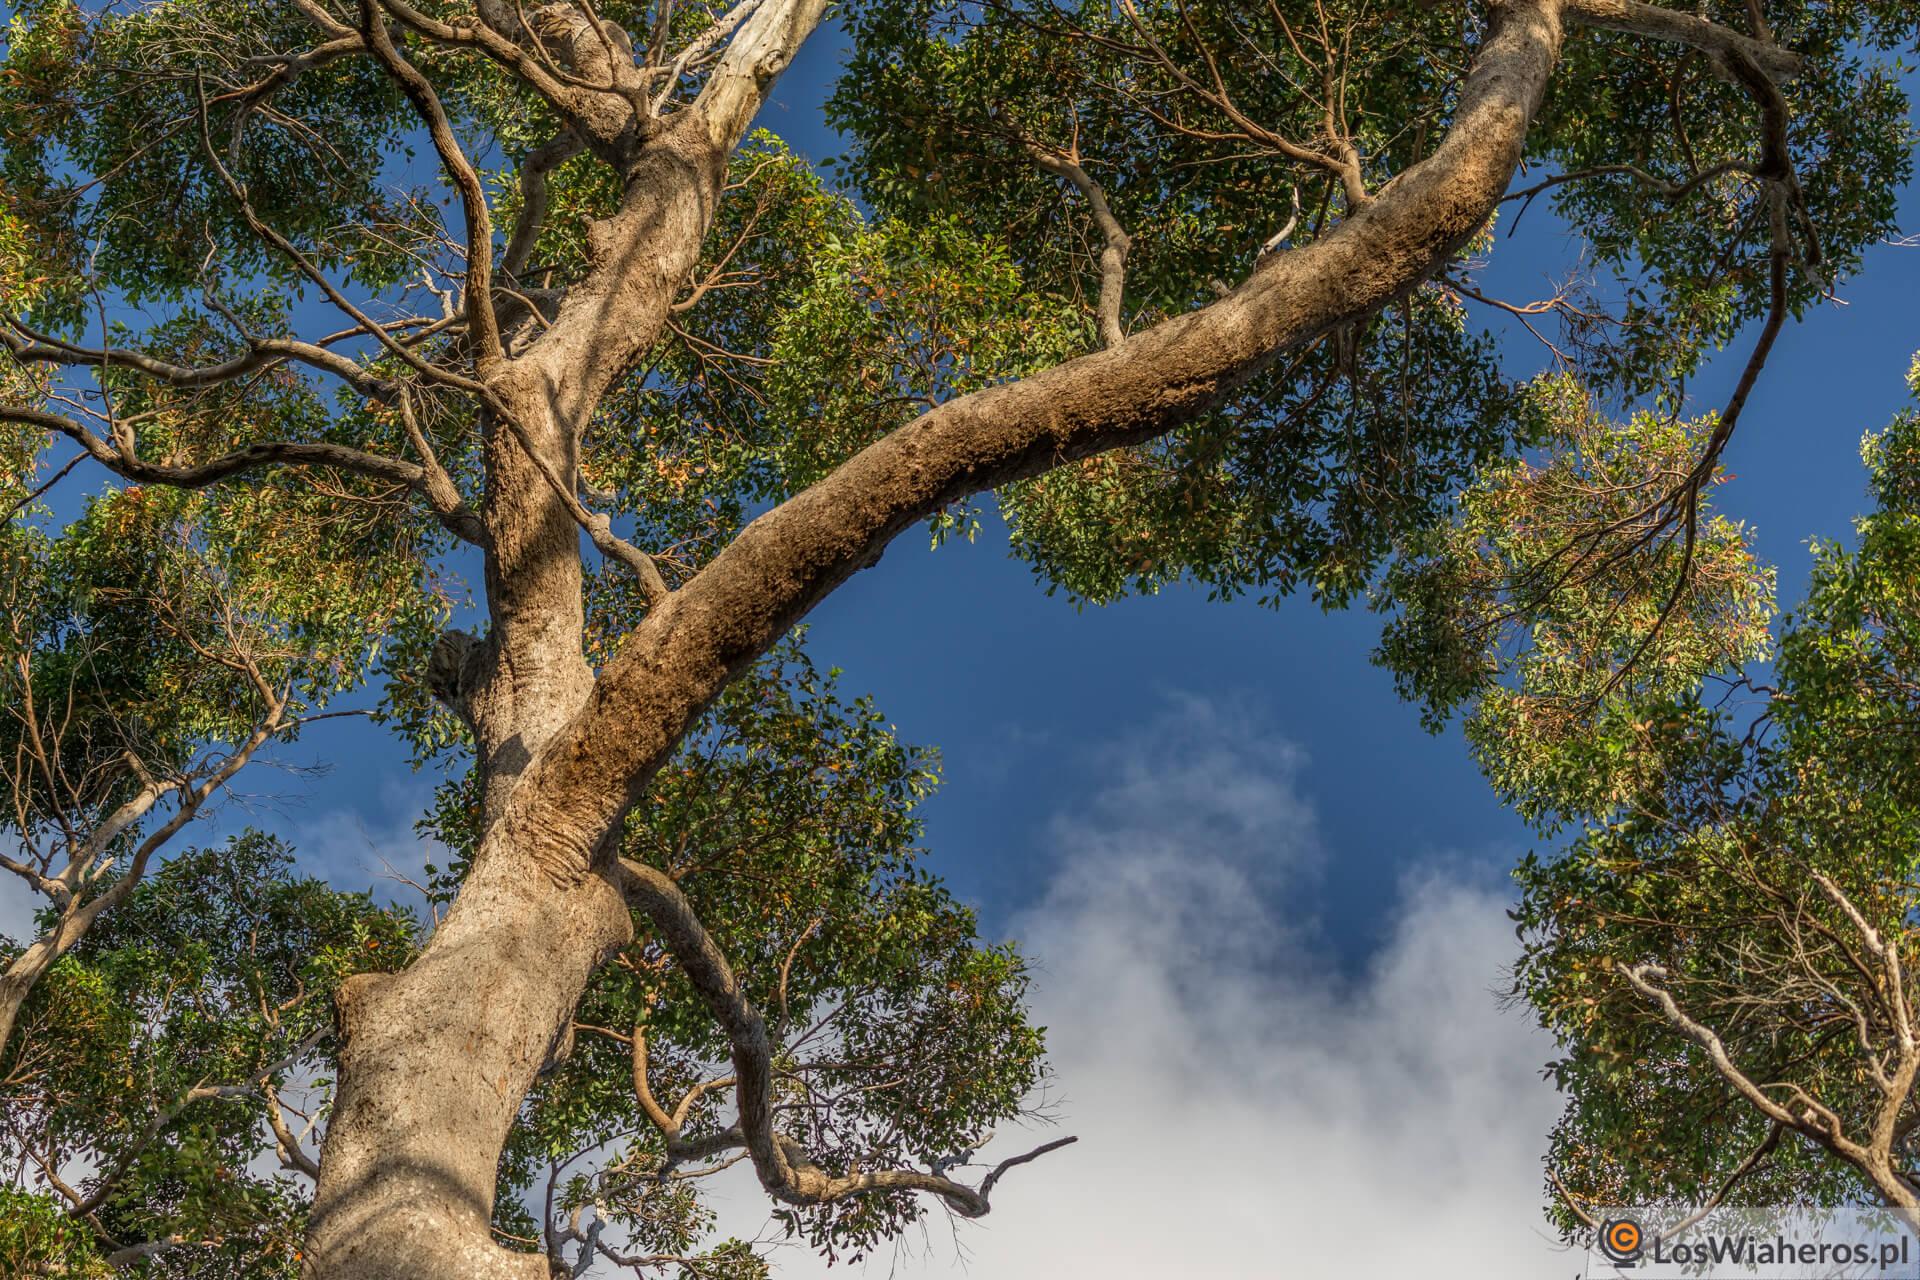 Tingle Tree nieopodal Walepole w Zachodniej Australii.